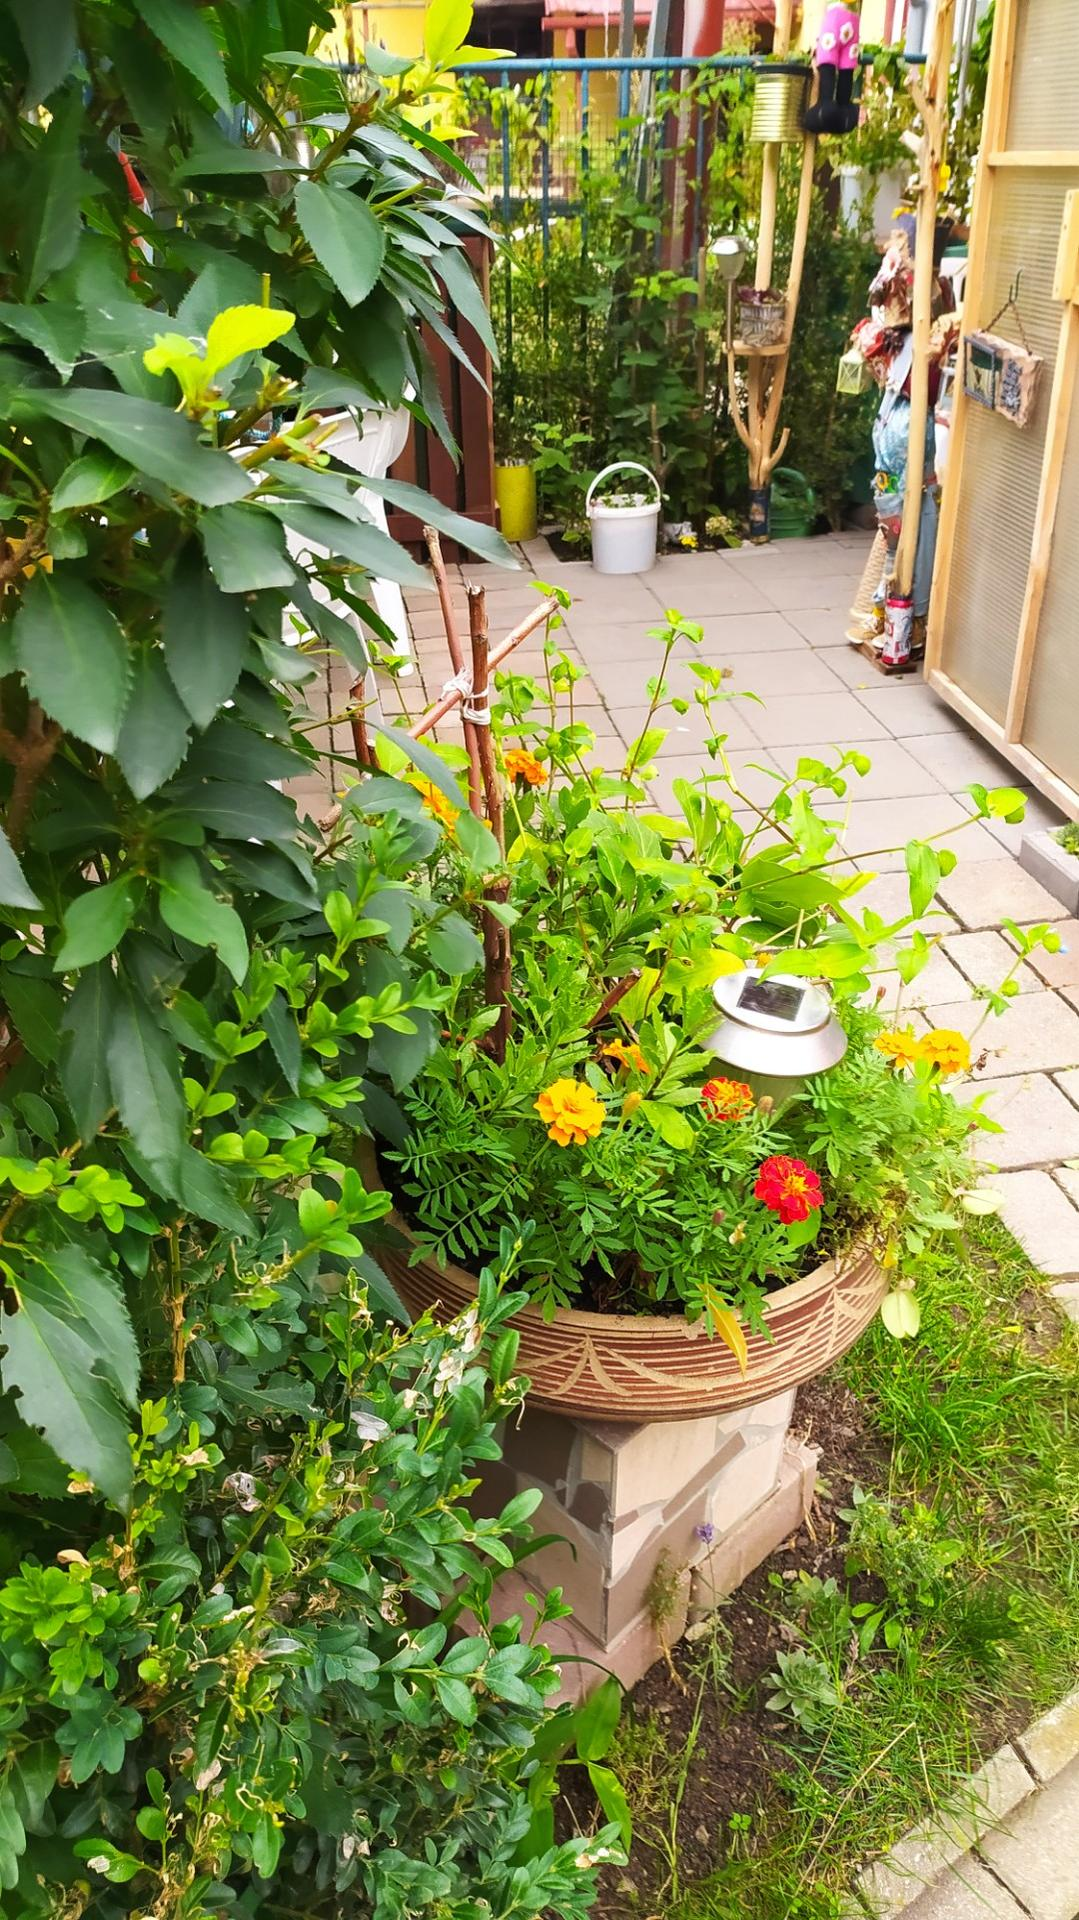 Moja záhradka,moja radosť,relax. - Obrázok č. 8